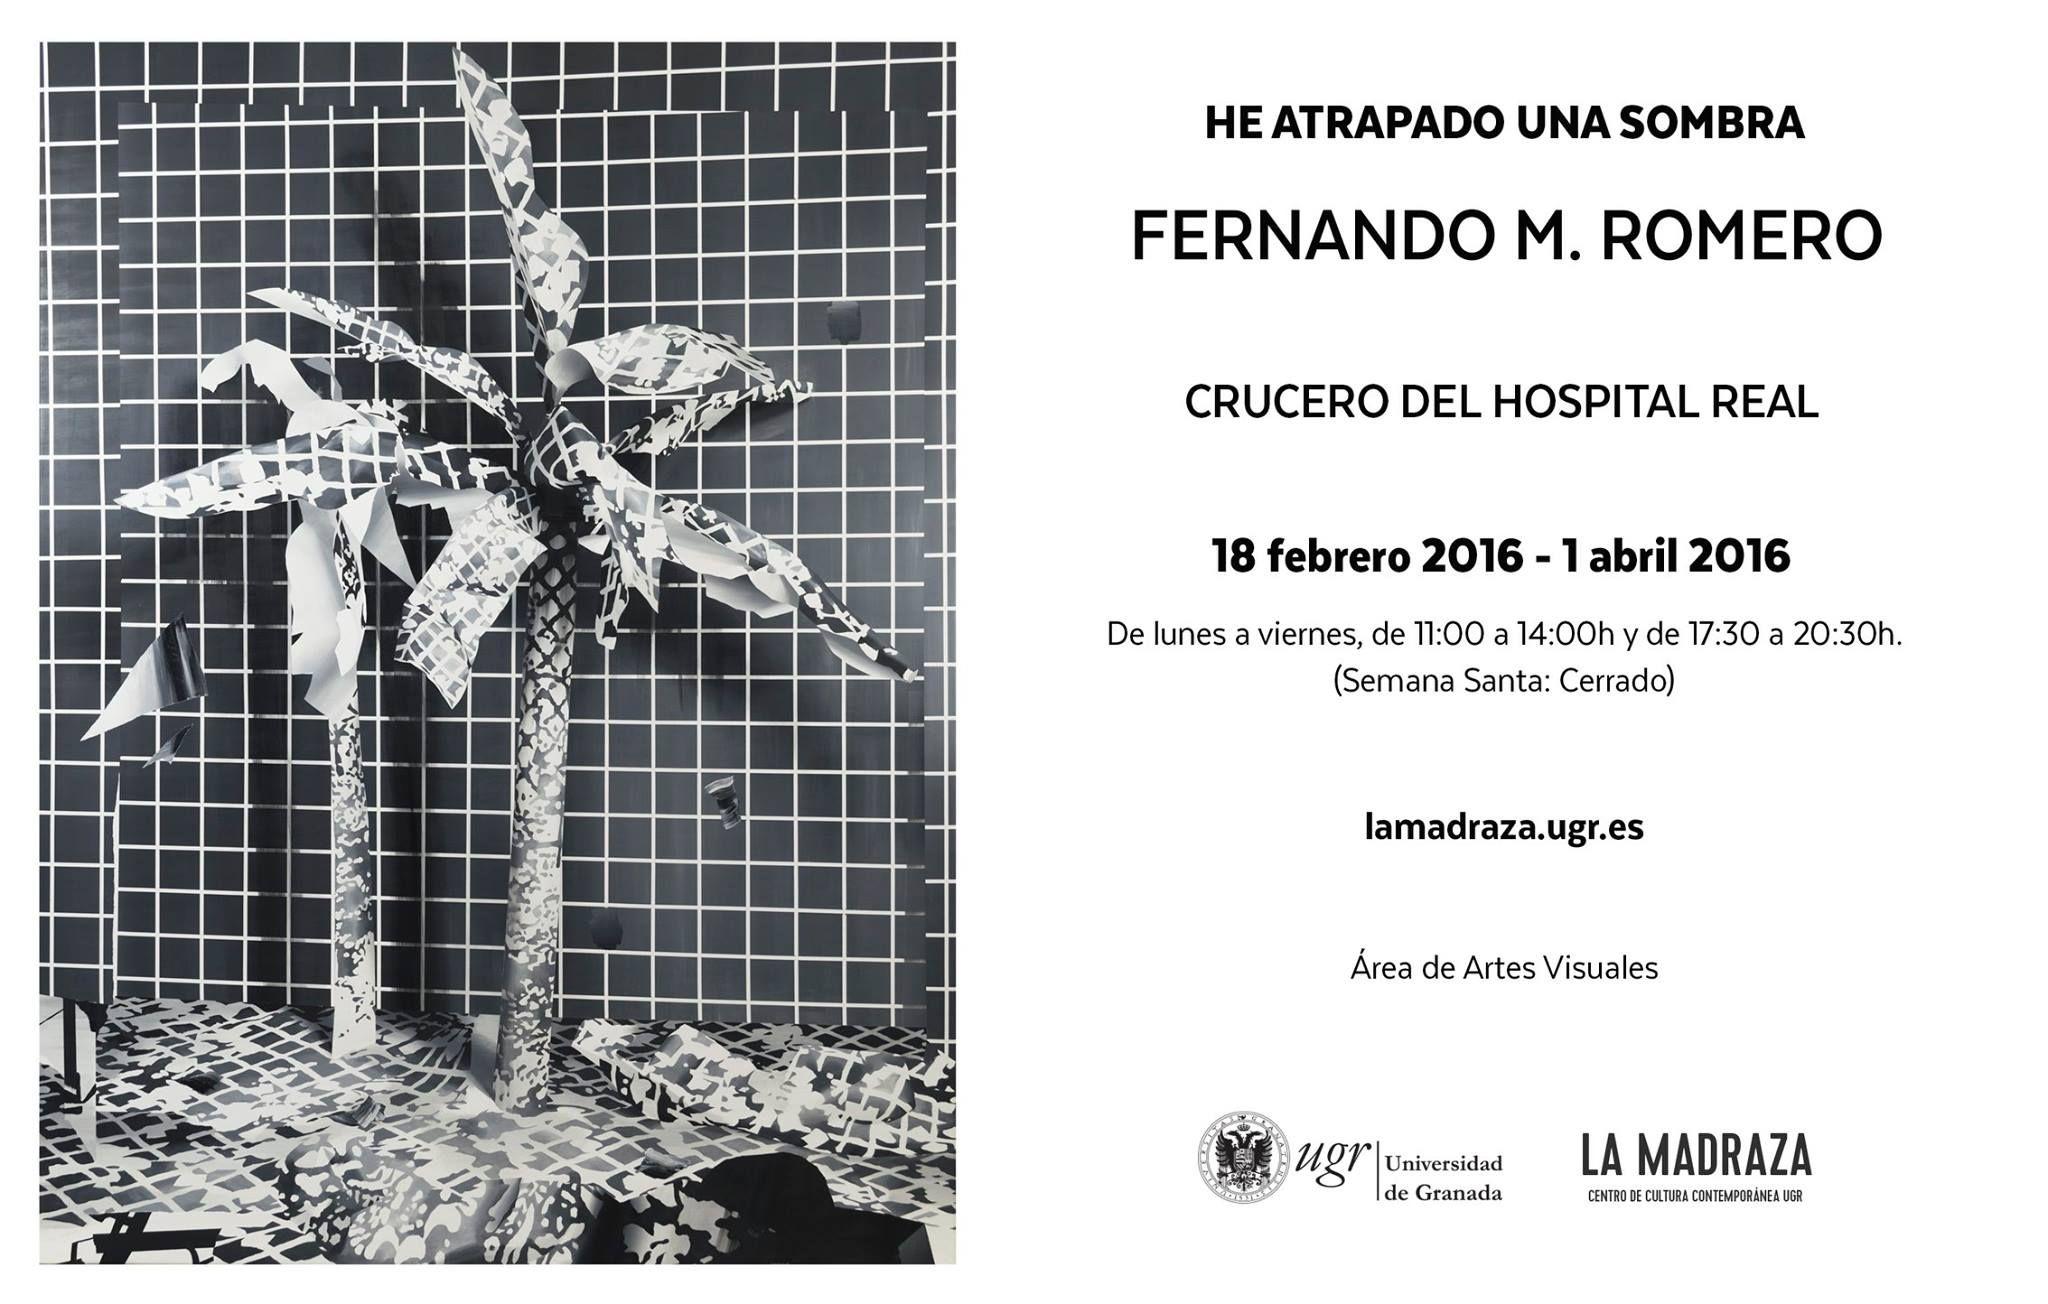 La exposición que Fernando M. Romero presenta en el Crucero del Hospital Real muestra un recorrido por las principales estrategias de las que se ha servido en los últimos años para indagar en este tema recurrente en su producción. Su obra parte de una concepción de la pintura como un sistema híbrido en el que ésta abandona el lienzo para invadir el propio espacio expositivo y dialogar a su vez con la fotografía en un camino de ida y vuelta. Más => bit.ly/1SxMnp1 ; #heatrapadounasombra